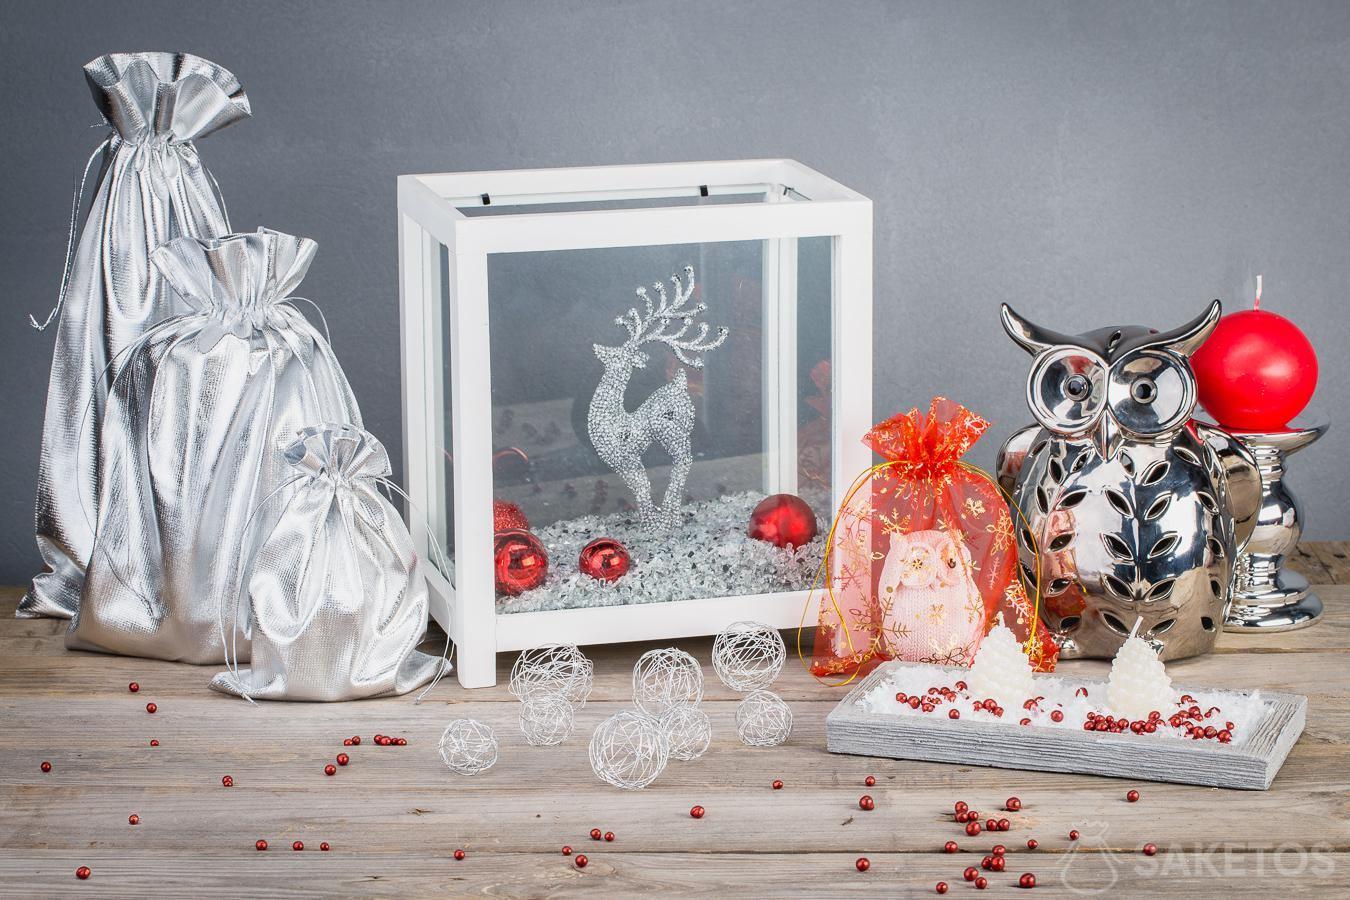 Metaliczne woreczki sprawiają, że ozdoby bożonarodzeniowe prezentują się nowocześnie